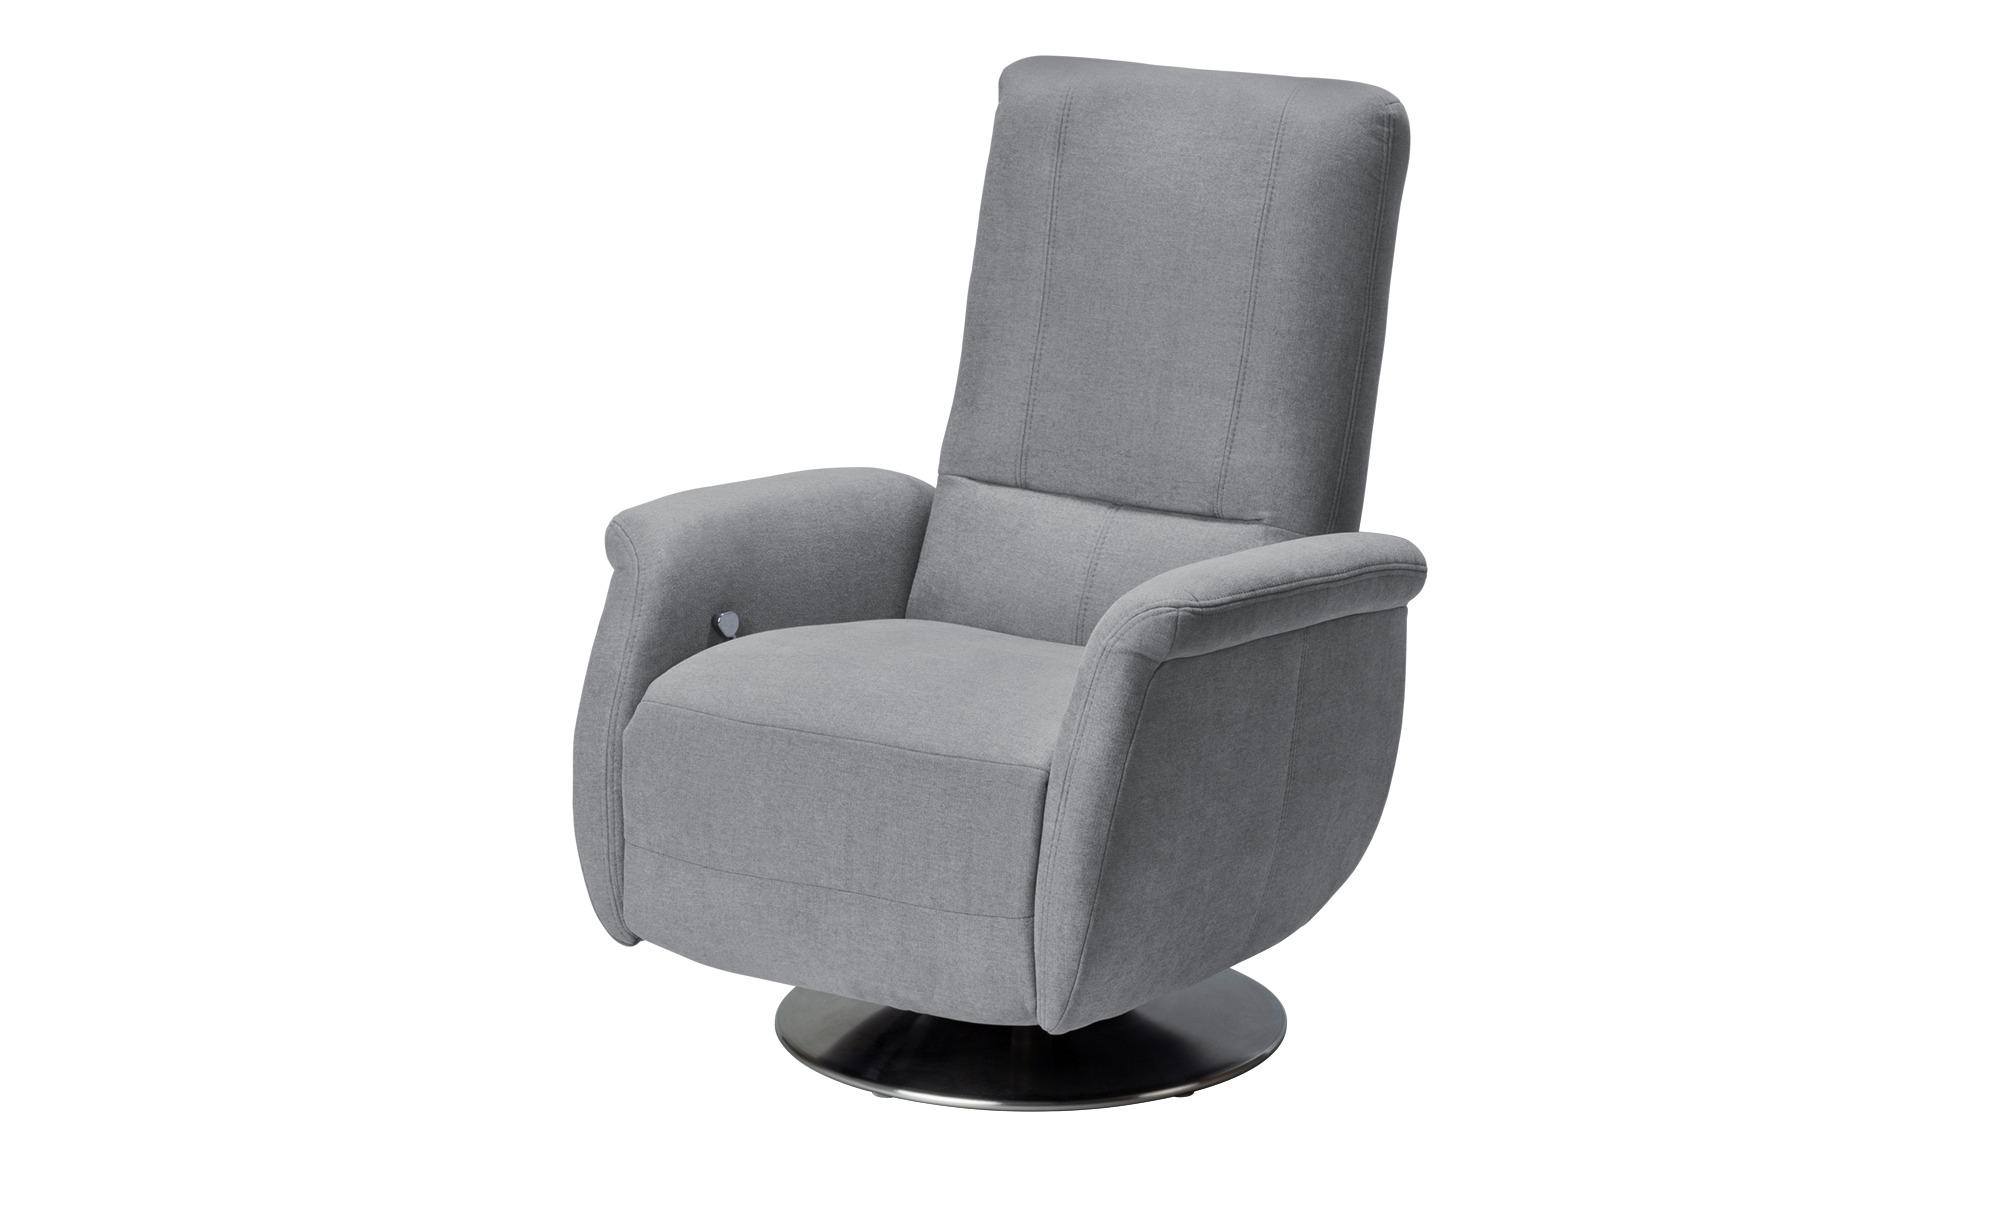 meinSofa Relaxsessel grau - Stoff Felix ¦ grau Polstermöbel > Sessel > Fernsehsessel - Höffner